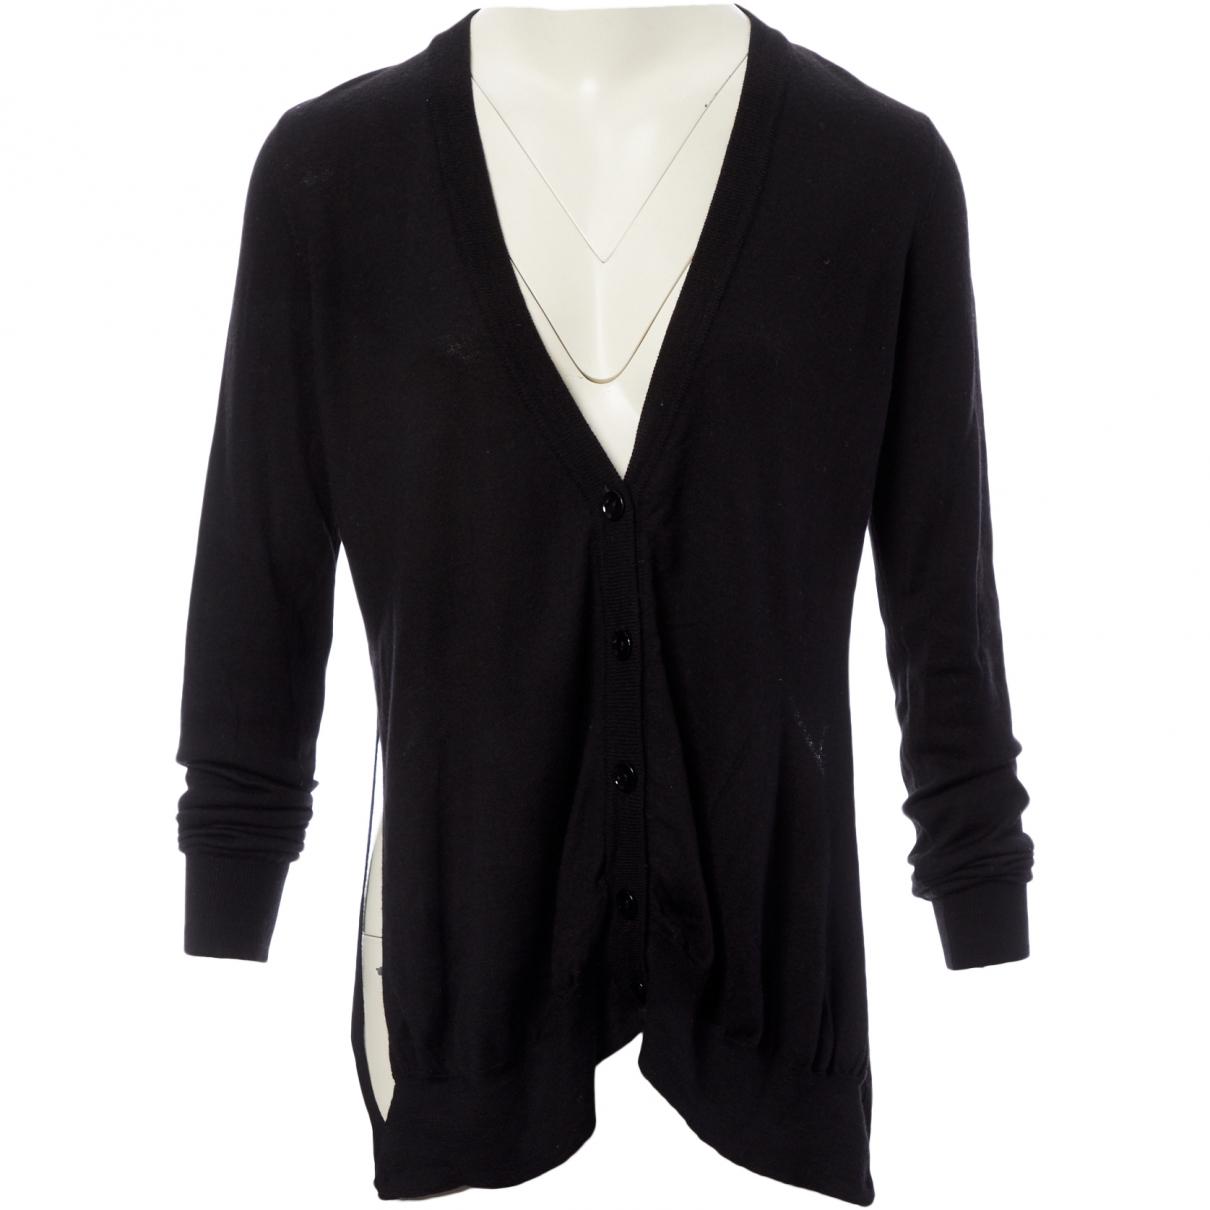 Maison Martin Margiela \N Black Wool Knitwear for Women M International